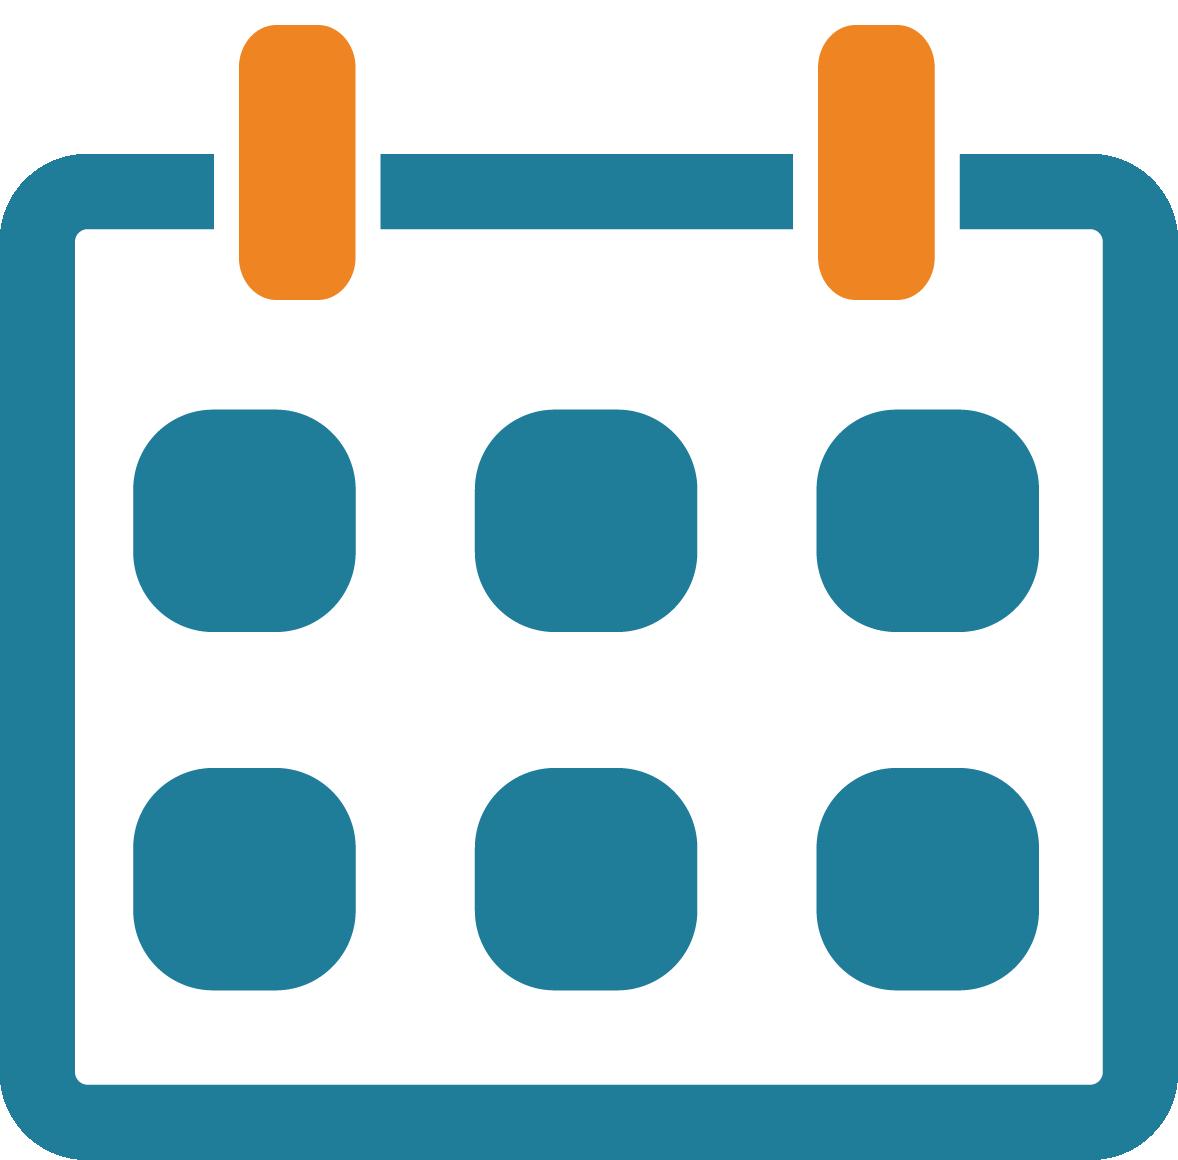 Calendar-color2.png